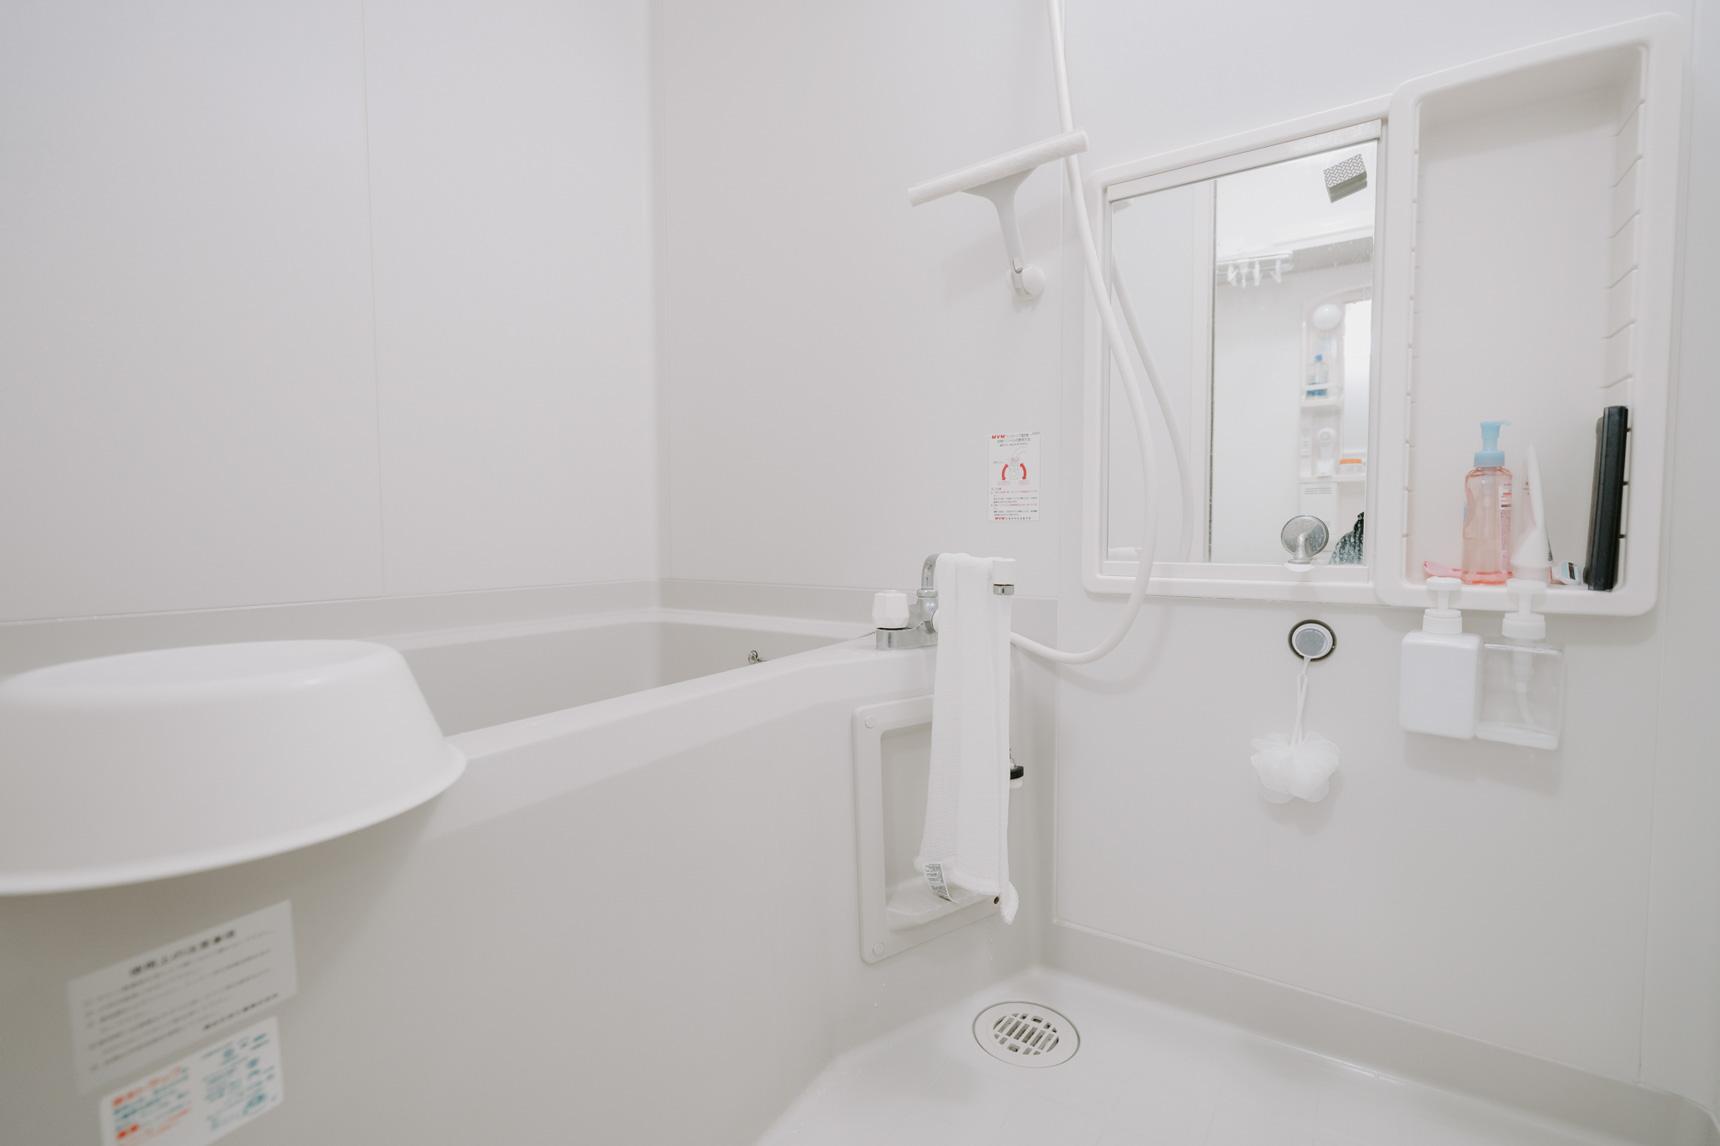 お風呂場もスッキリ整頓。シャンプーボトルなども全て浮かせておいてあるため、しっかり乾きます。